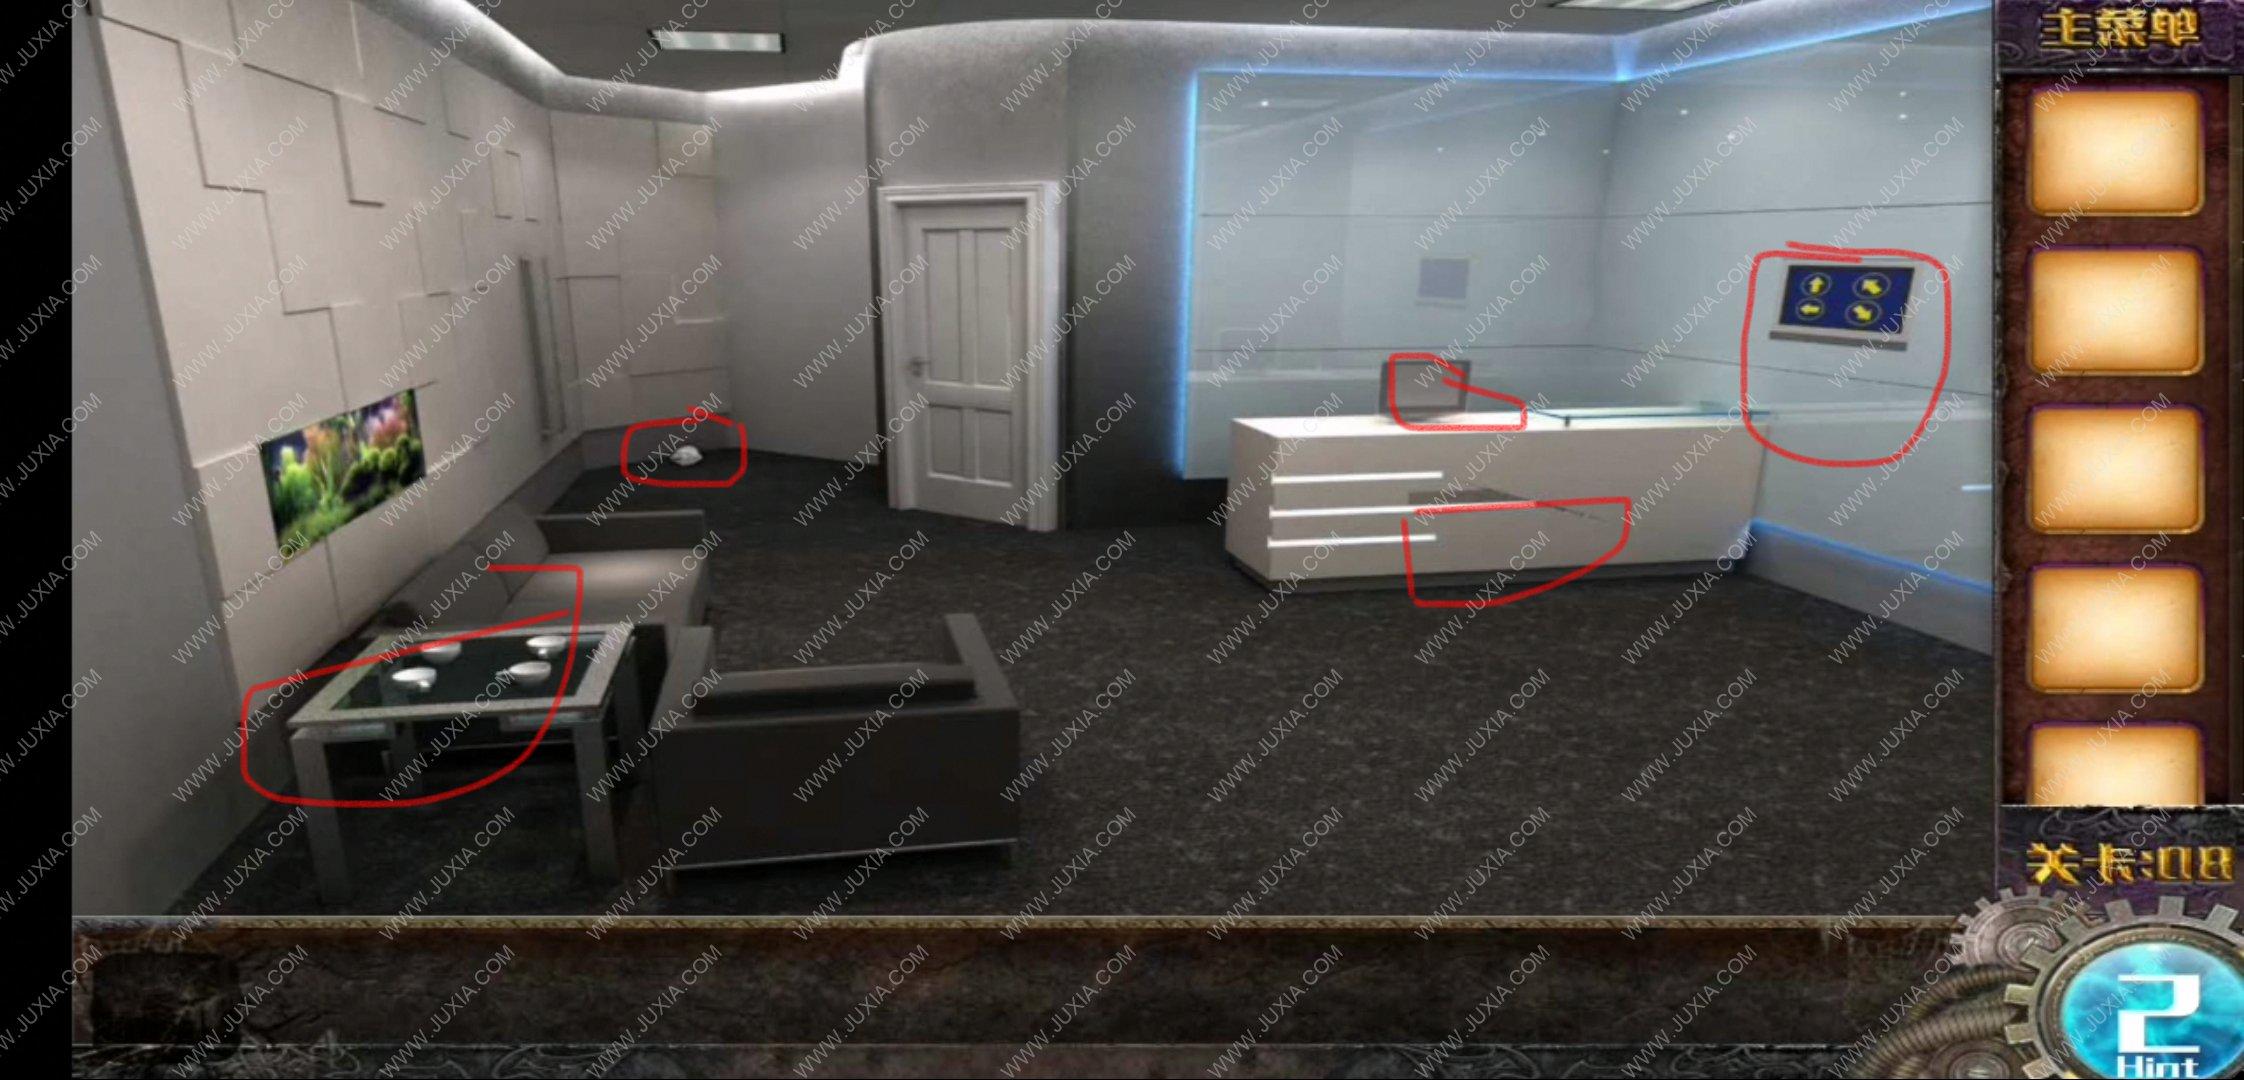 逃出50个房间3第八关攻略 escapegame50rooms3手电筒哪里找